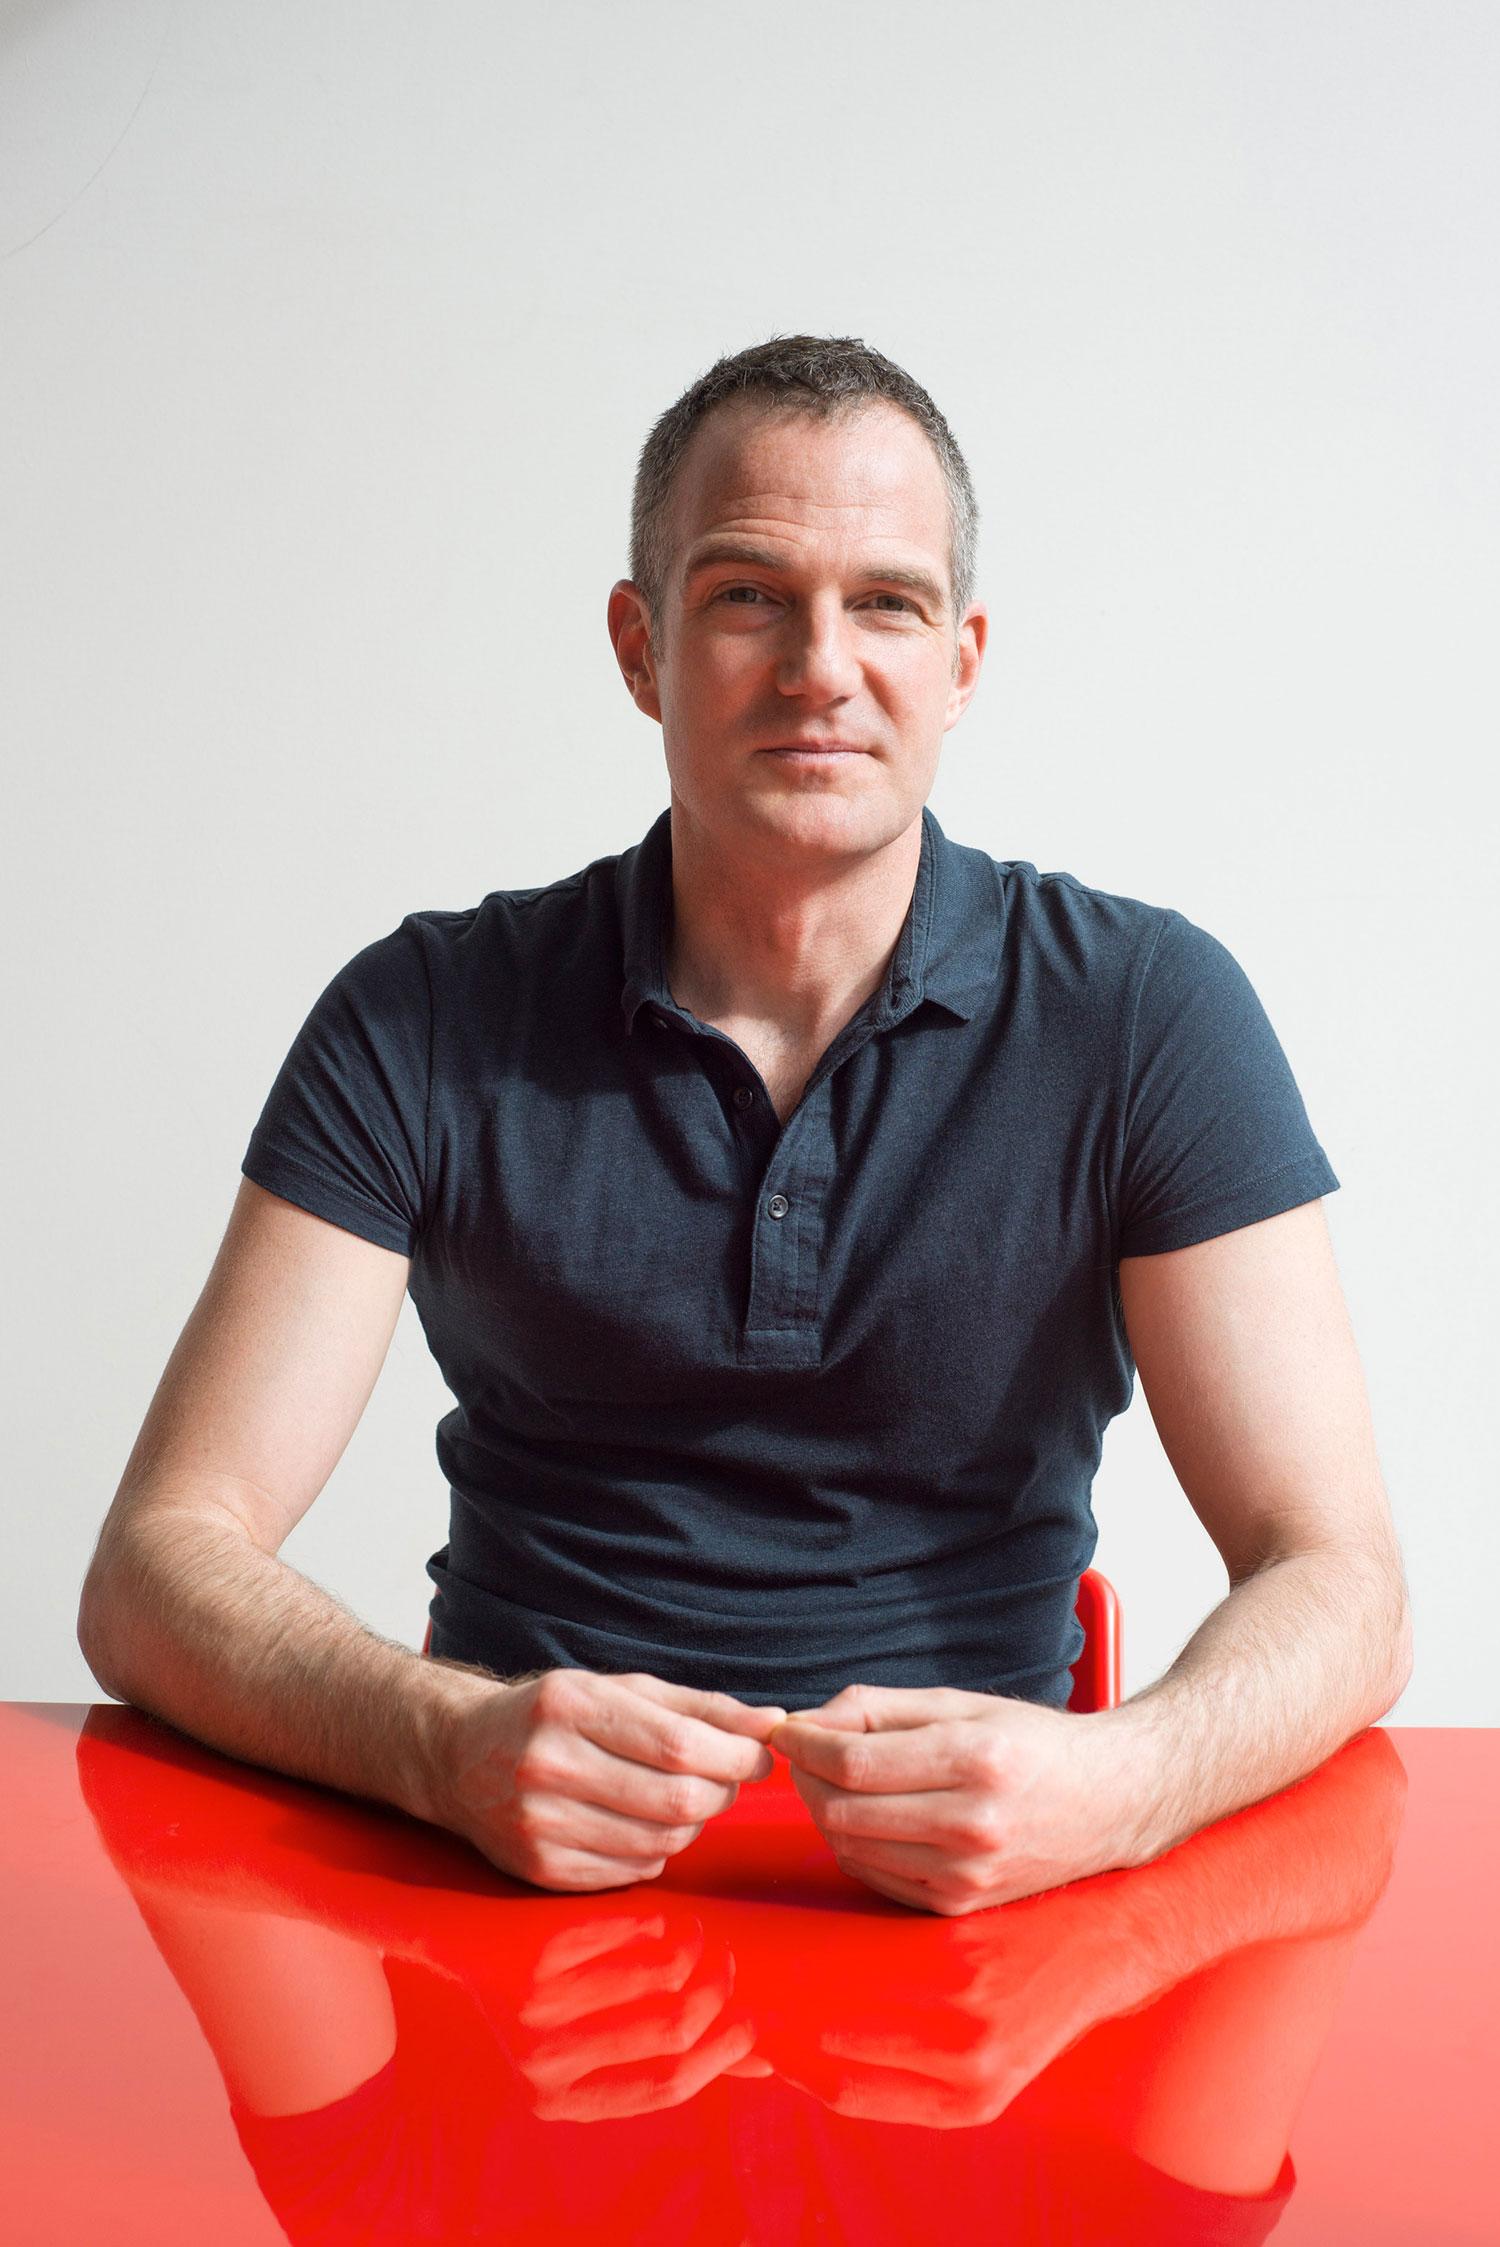 Peter Kyle Labour MP Portrait